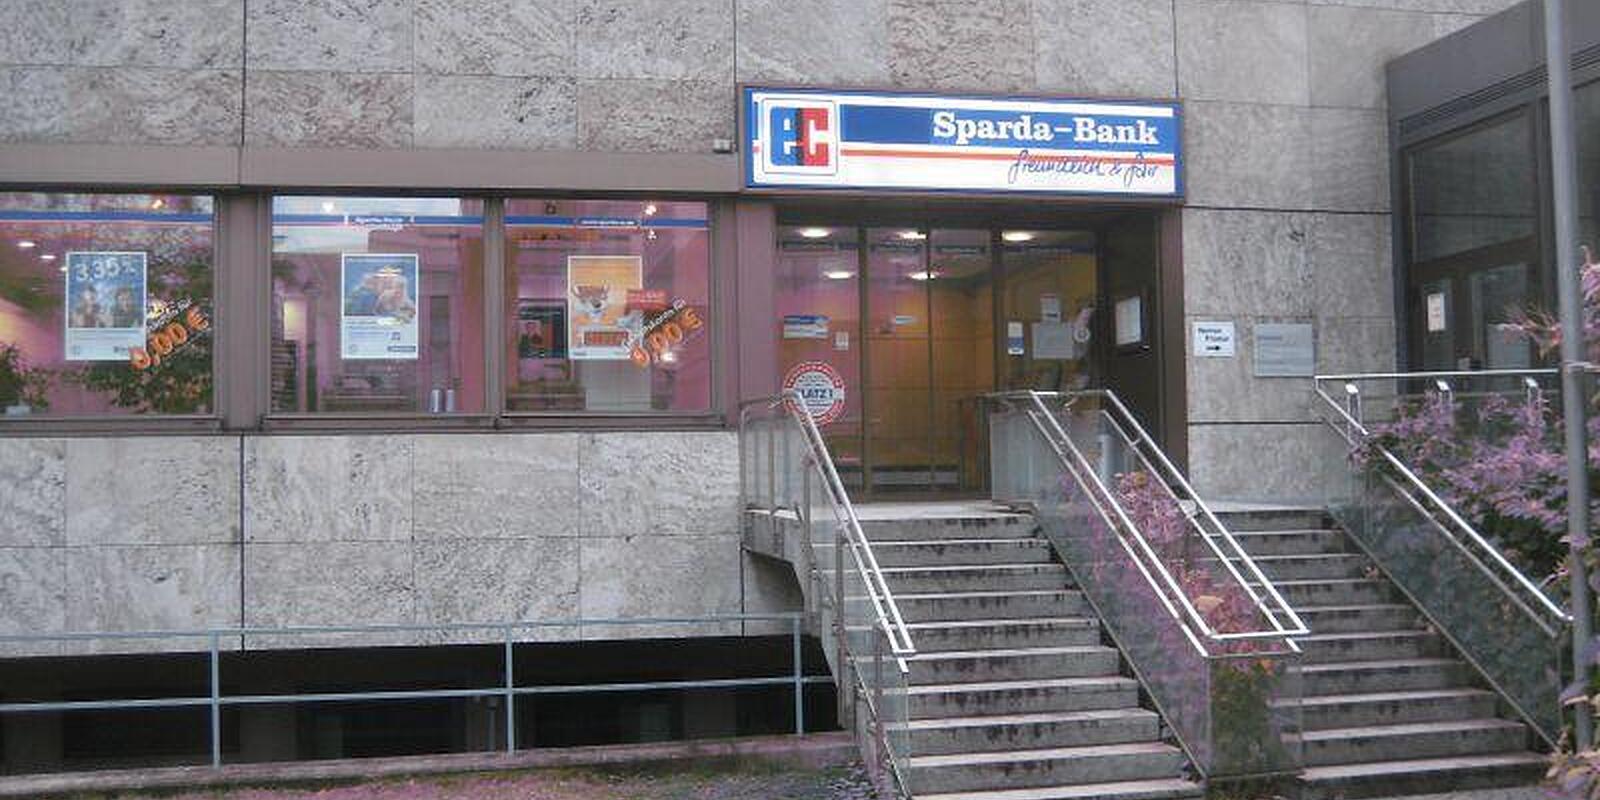 Sparda bank m nchen neuhausen richelstr neuhausen for Offnungszeiten sparda bank